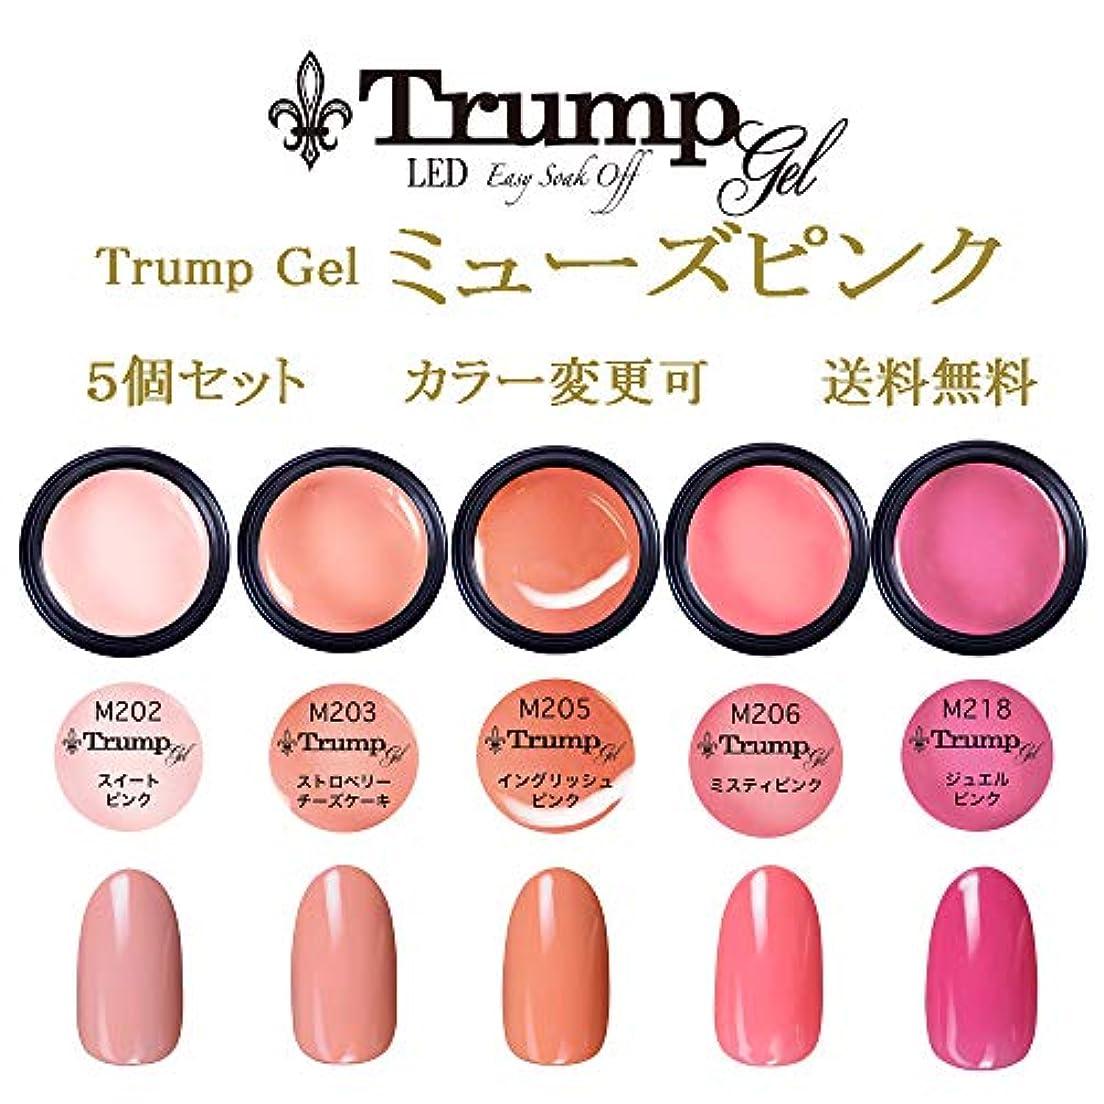 付録豆論理的【送料無料】Trumpミューズピンクカラー選べるカラージェル5個セット